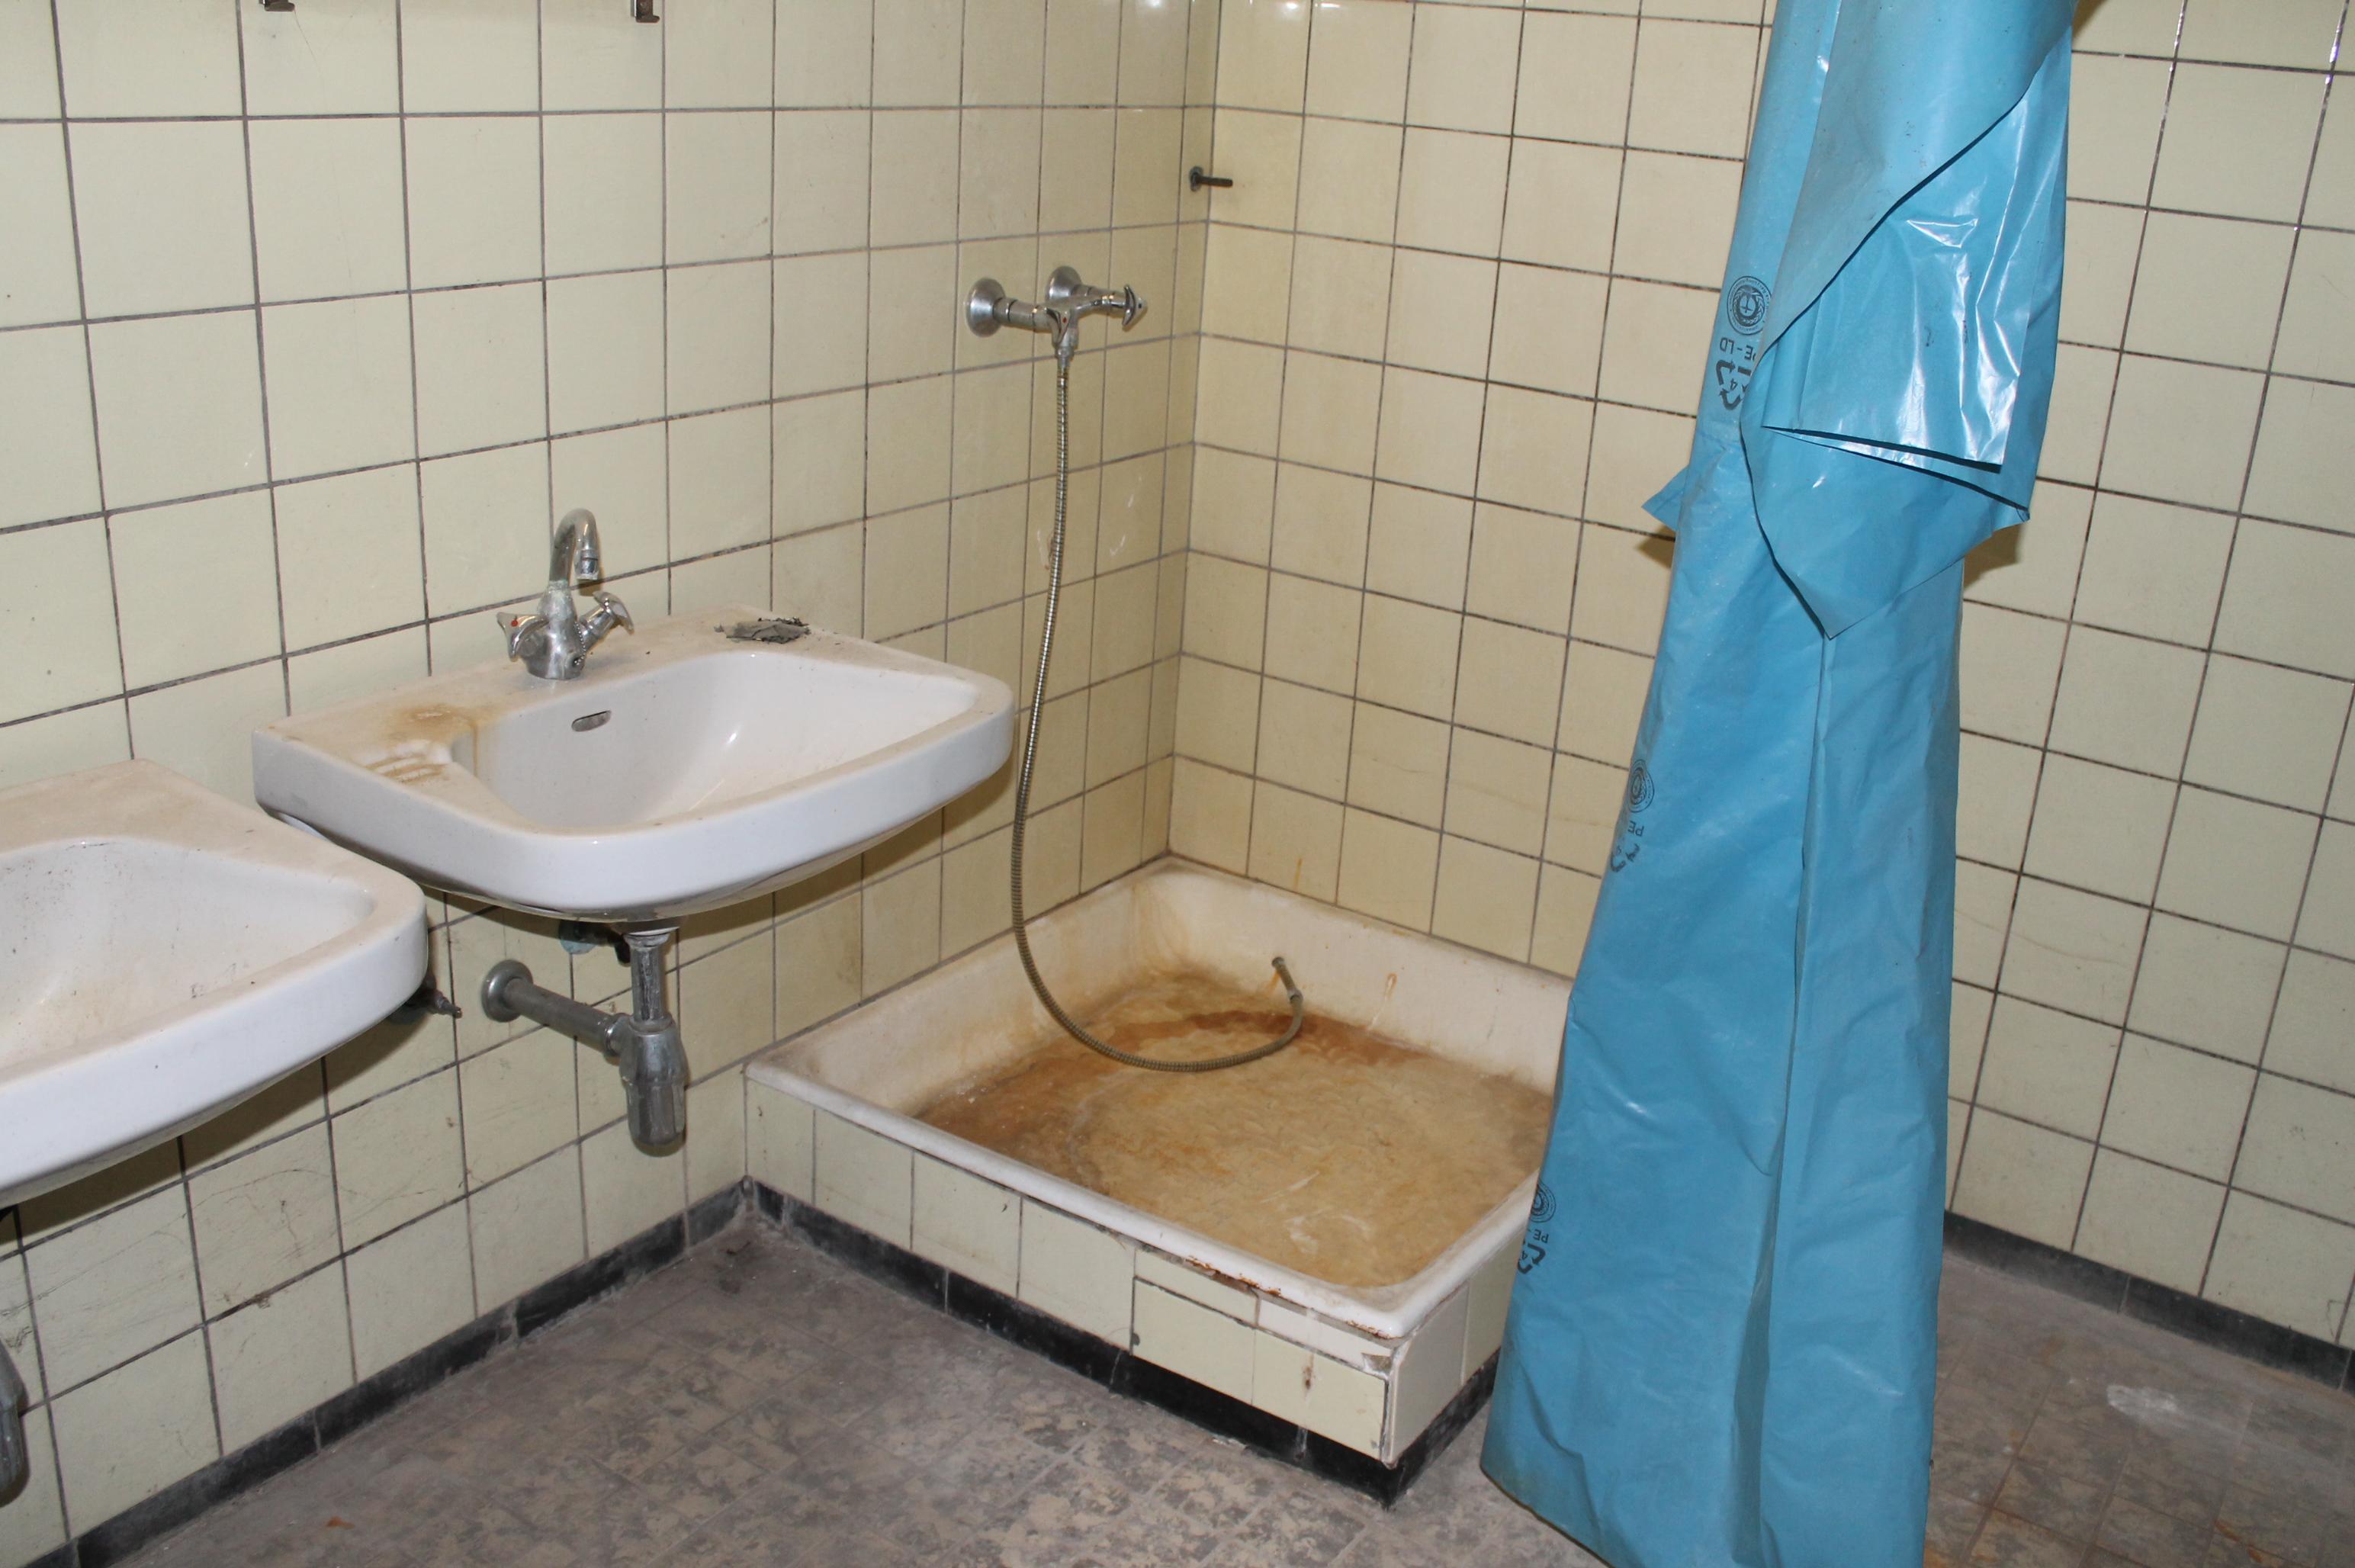 Horrorfilmkulisse oder hygienische Waschgelegenheit? (Bilder: Esther Lenhardt)